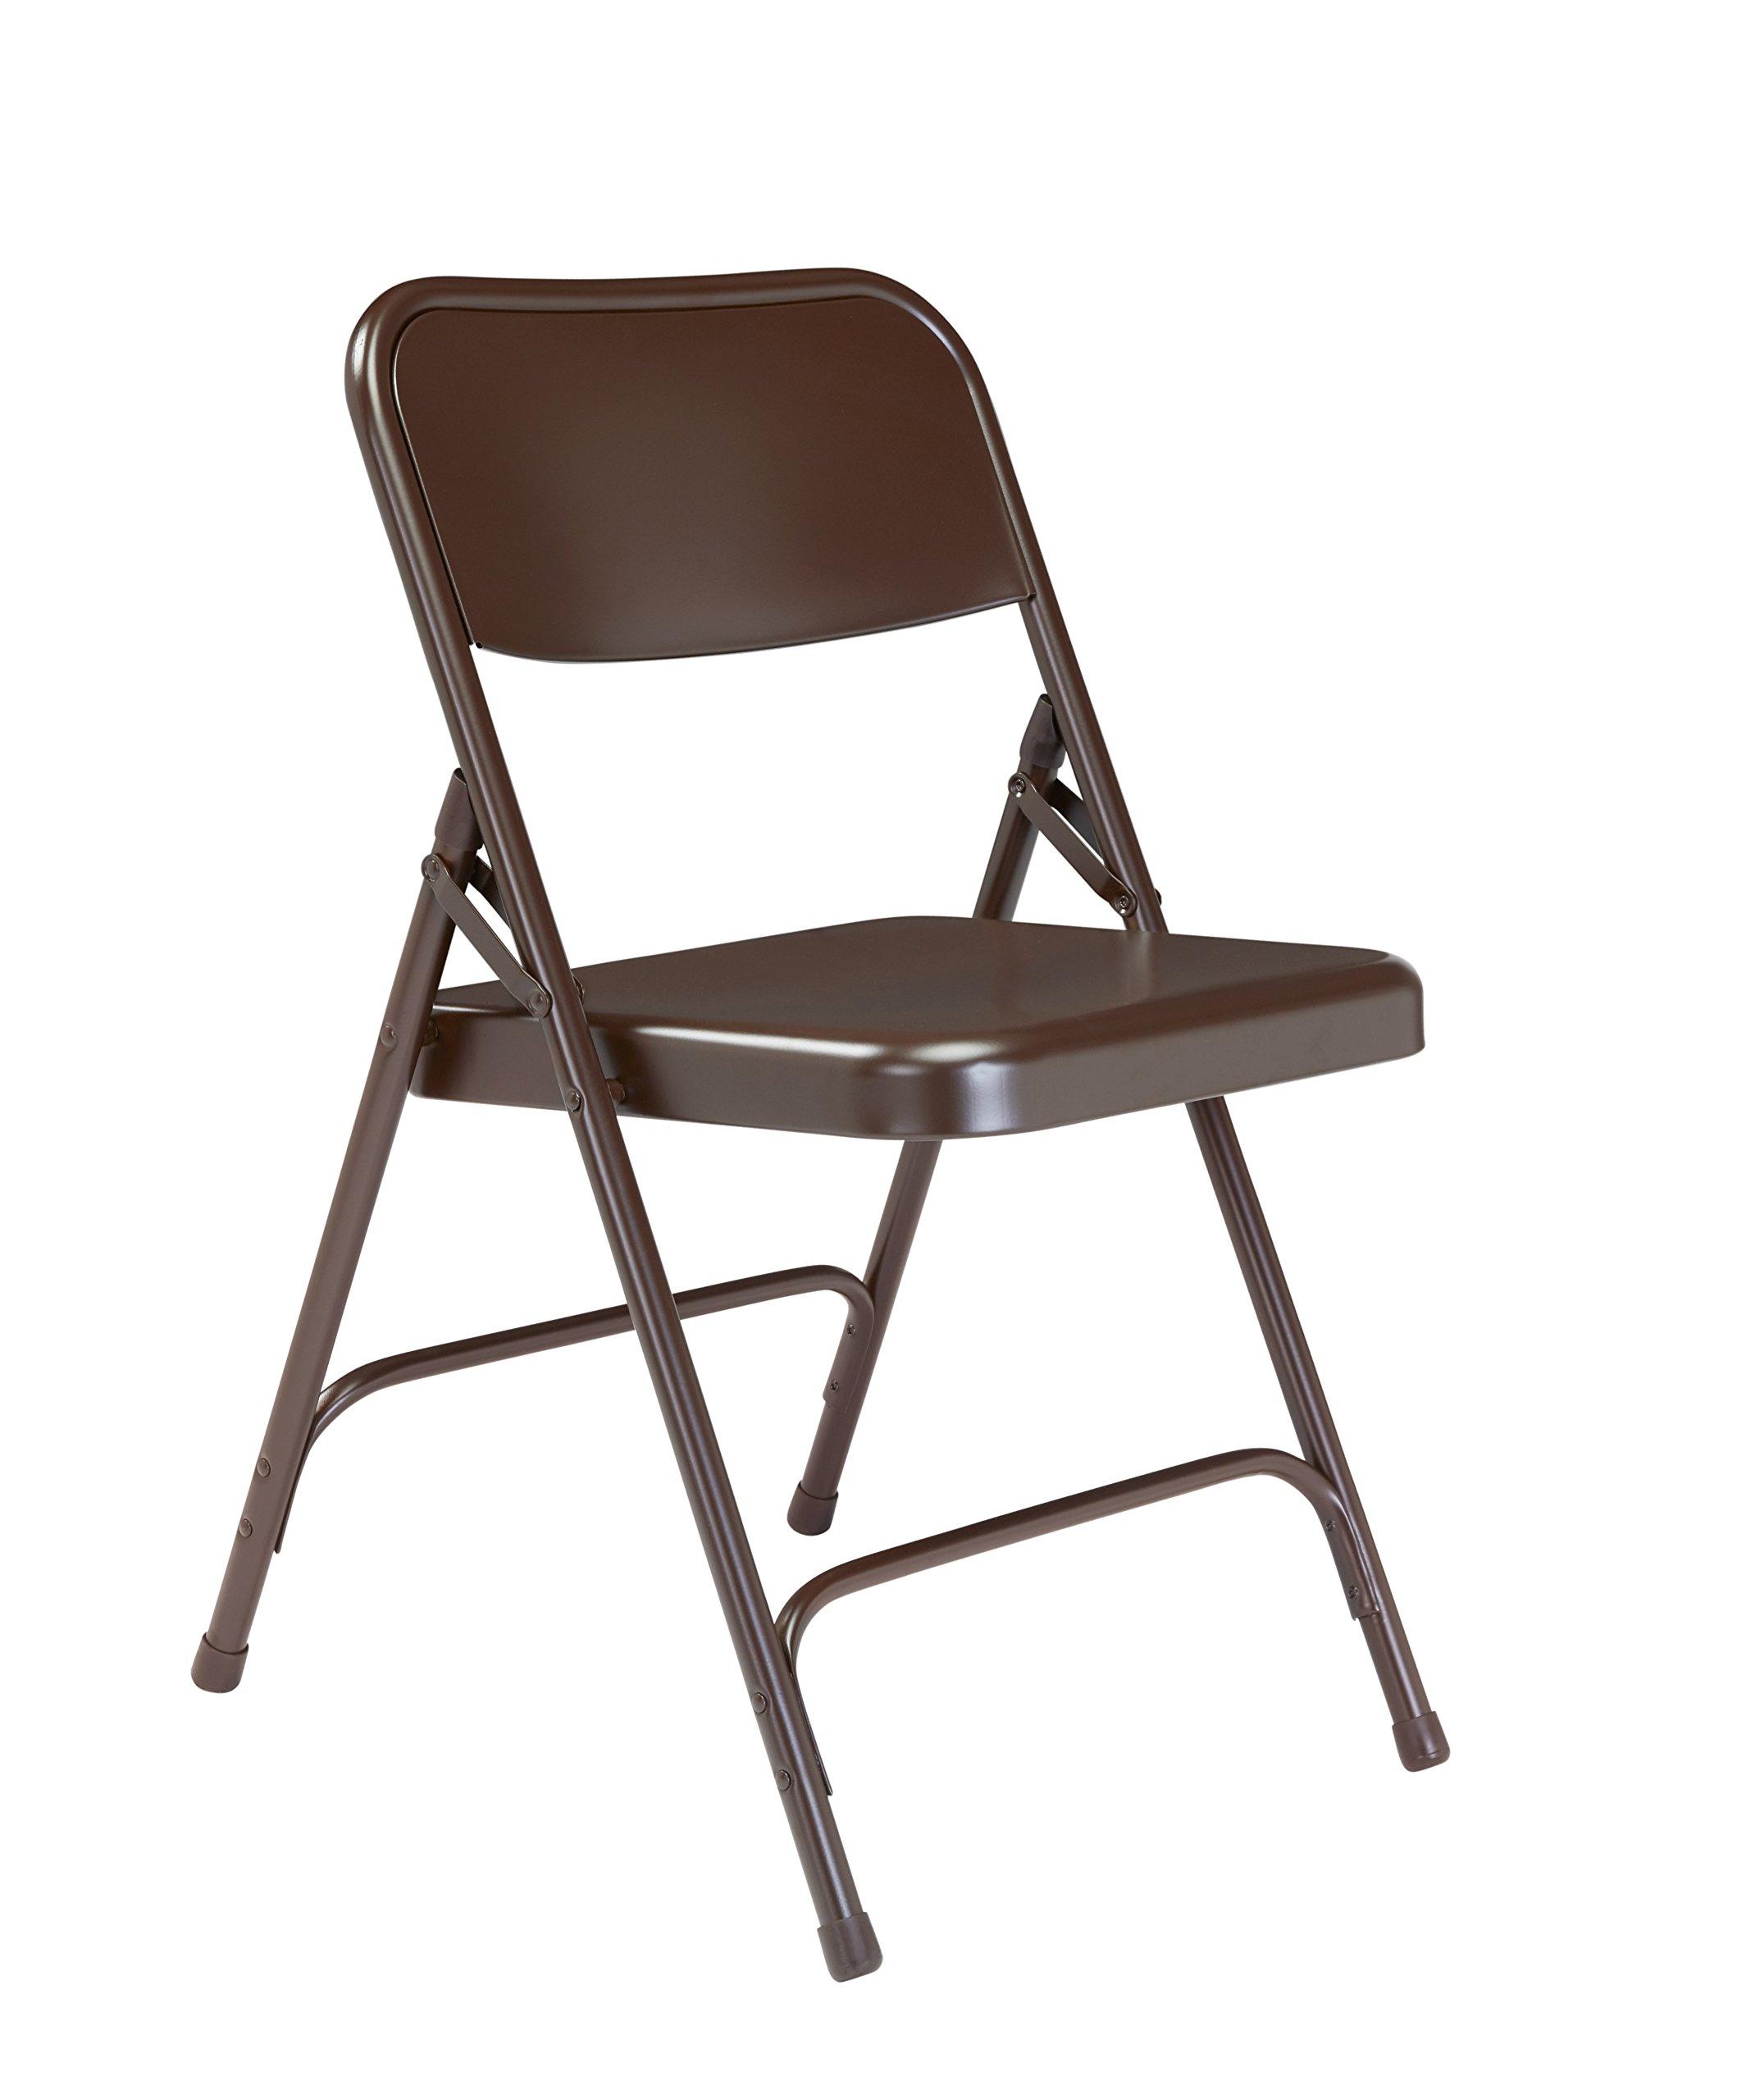 Folding Chair, Brown, Steel, Unpadded, PK4